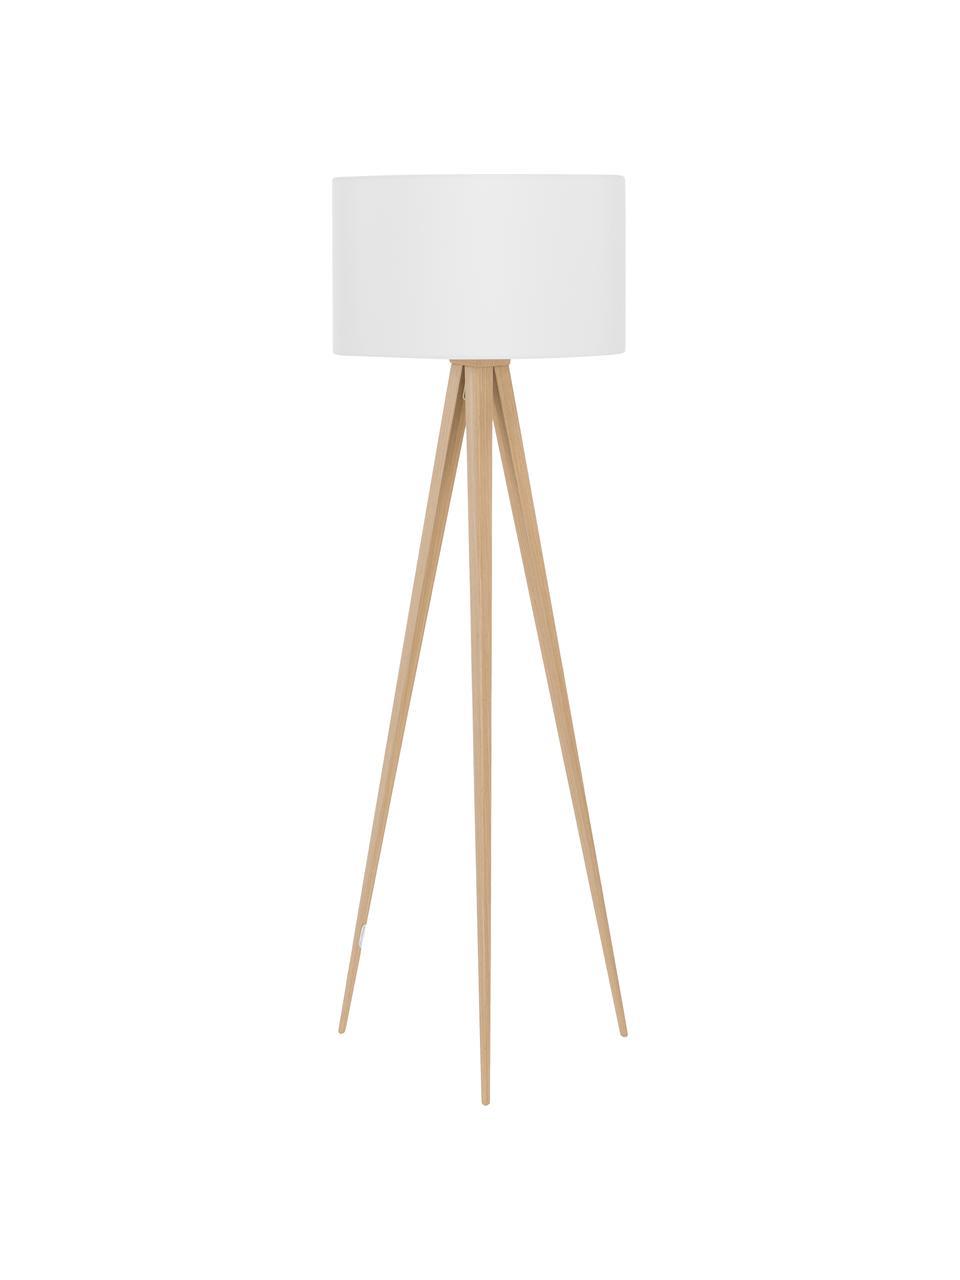 Stojací lampa s dřevěnou podstavou Jake, Stínidlo: bílá Podstava lampy: dýha